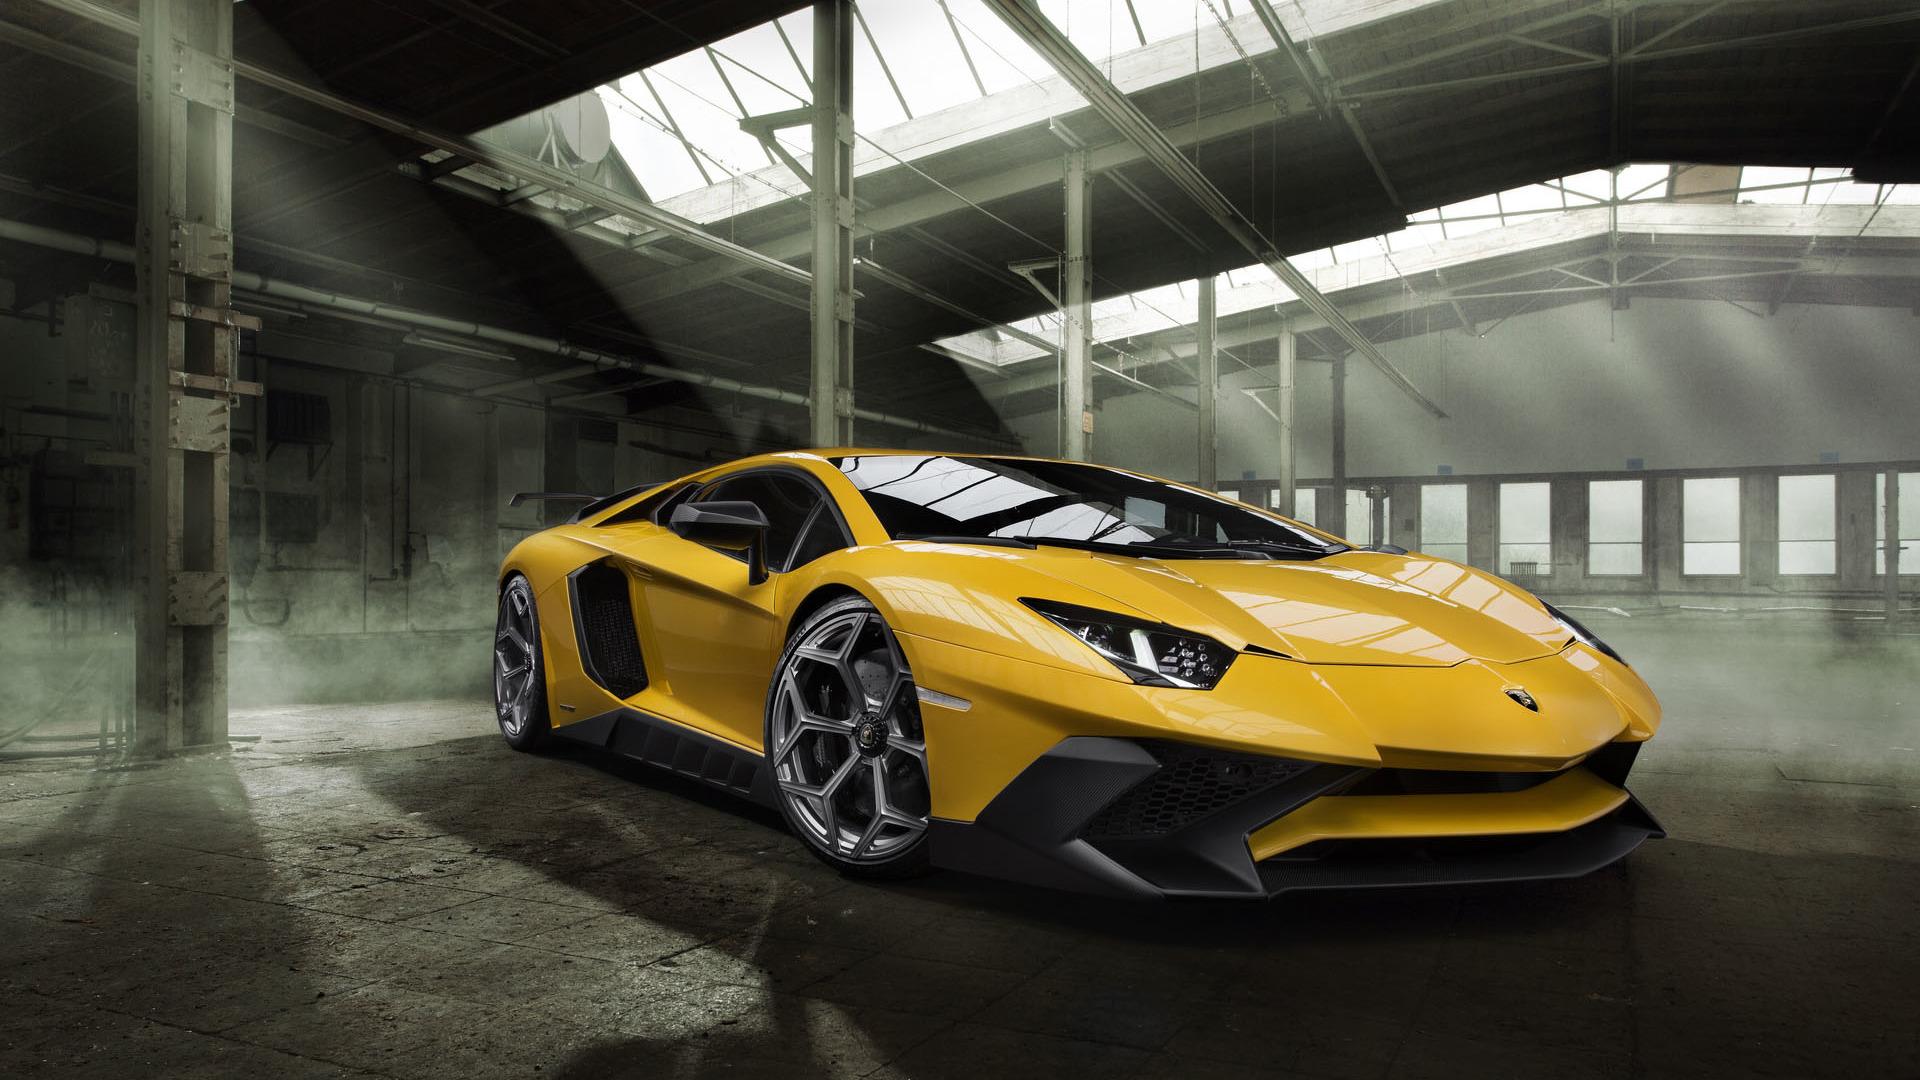 Lamborghini Aventador LP 750-4 Superveloce tuned to 786 hp